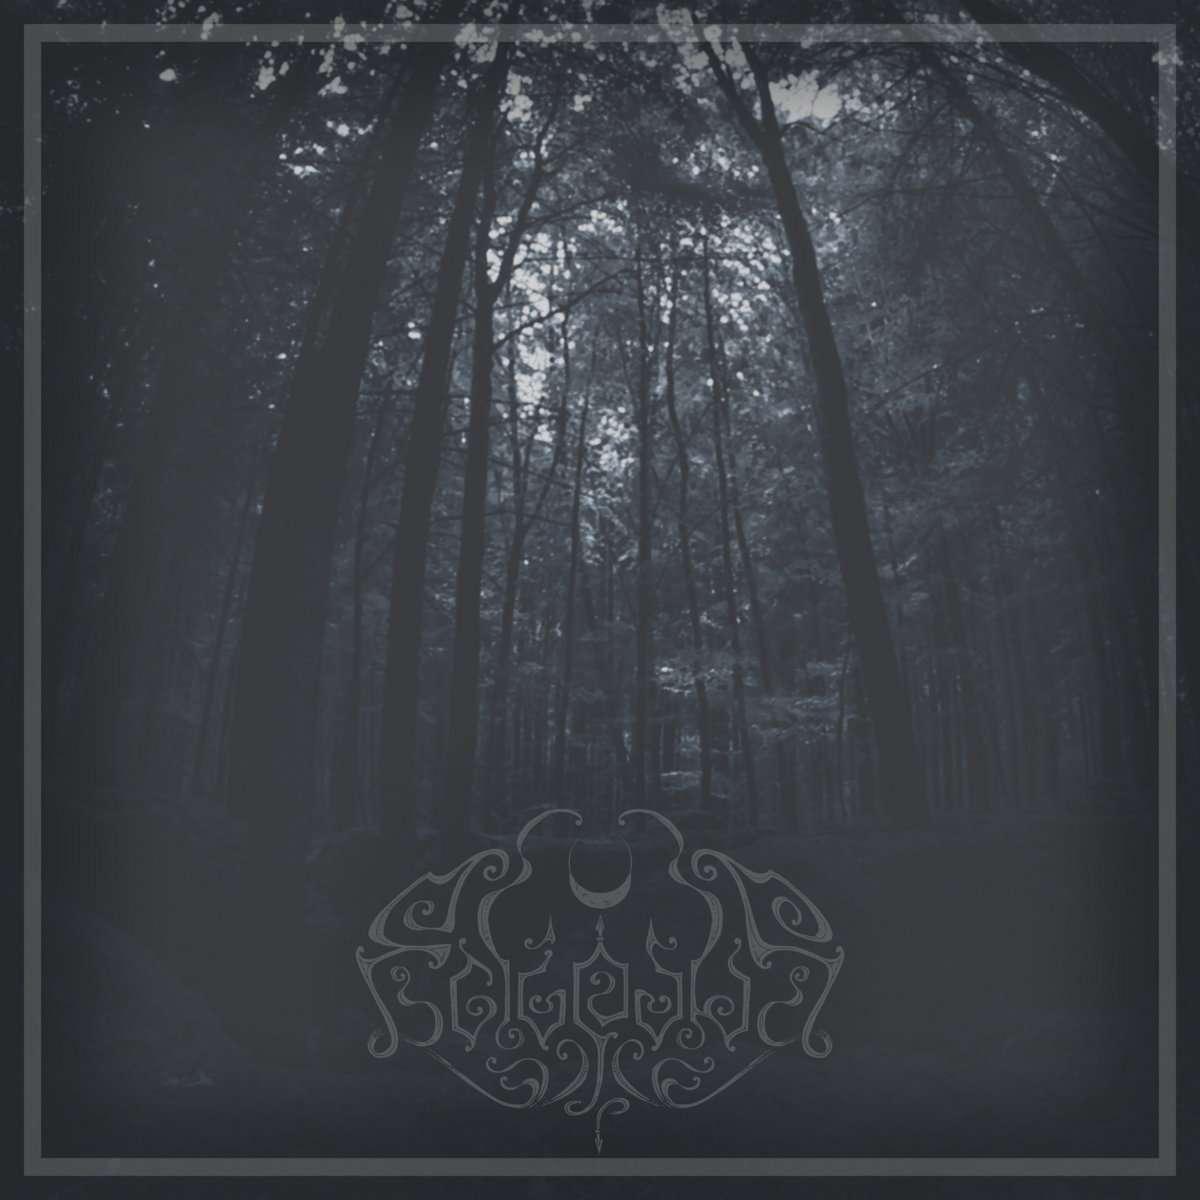 Eclipsus-Yurei